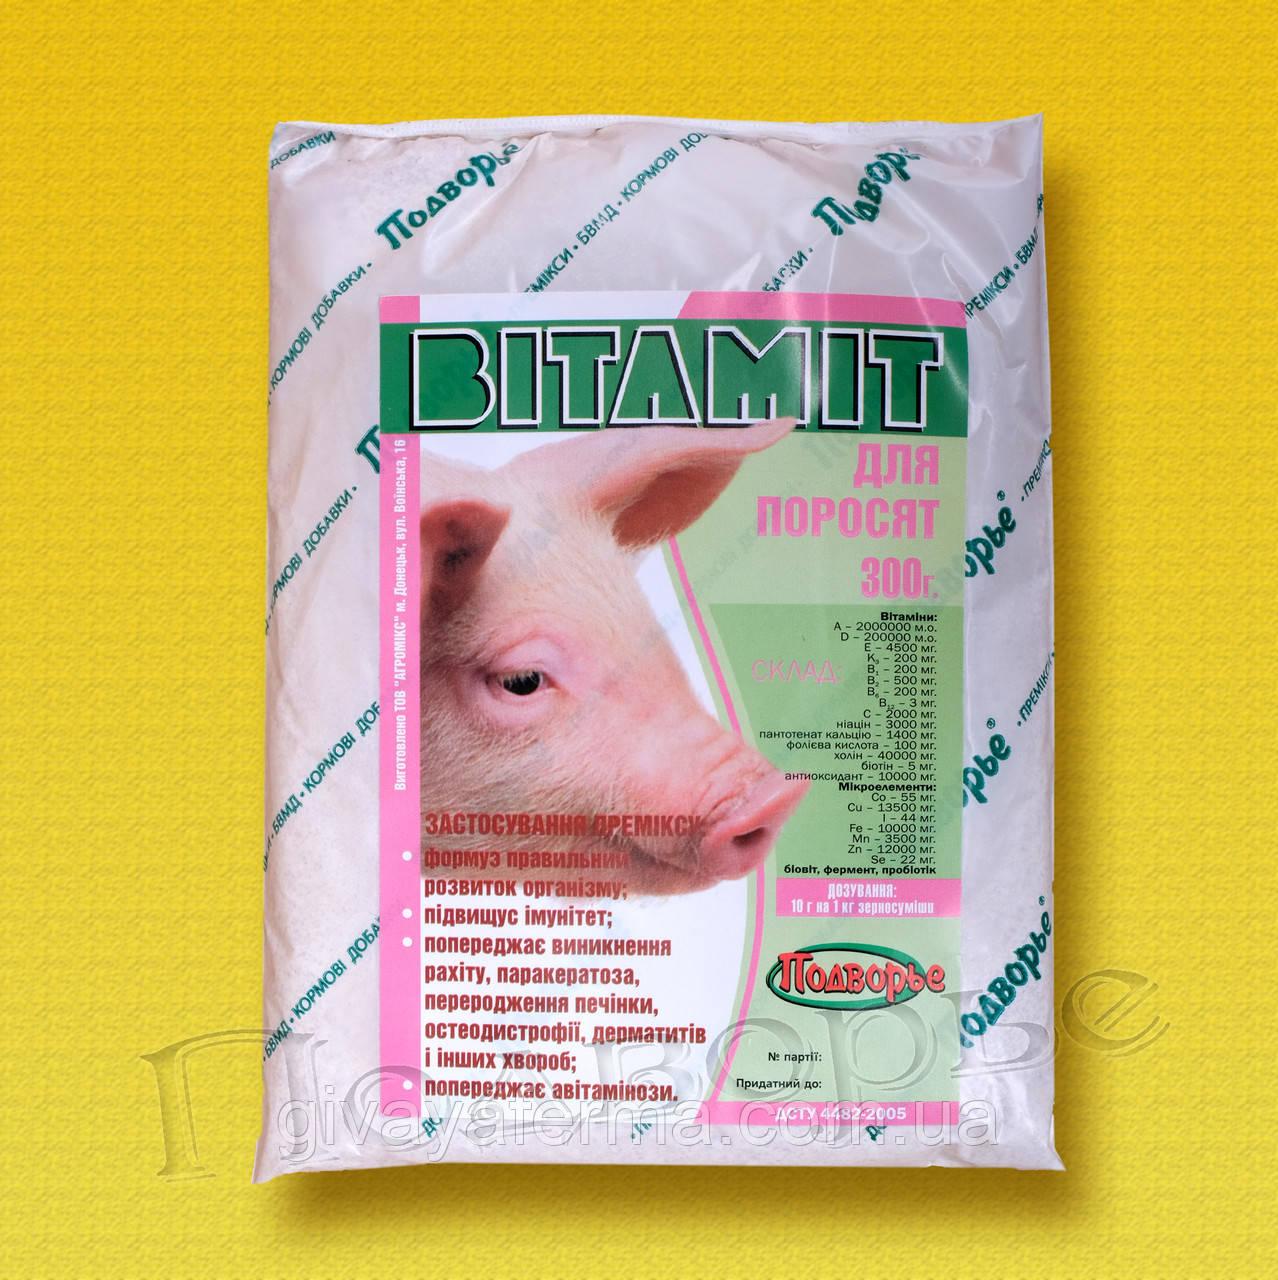 Премикс Витамит - поросенок 1%, 25 кг, витаминно минеральная добавка к корму